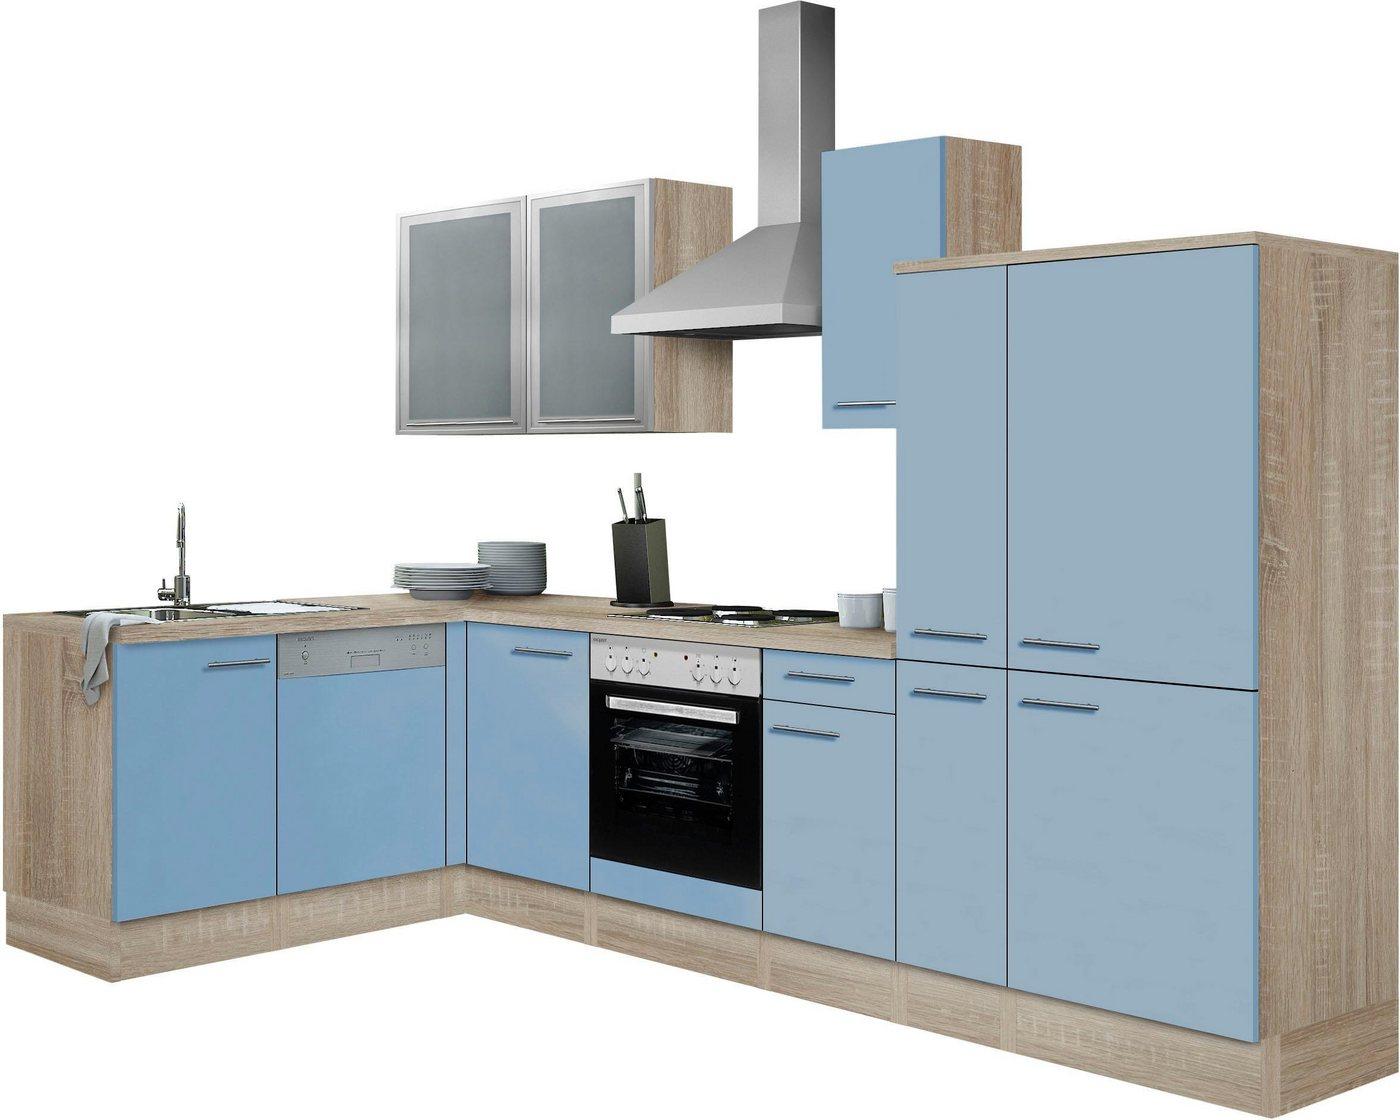 OPTIFIT Winkelküche »Kalmar« mit E-Geräten, Stellbreite 300x175 cm   Küche und Esszimmer > Küchen > Winkelküchen   Blau   Eiche - Edelstahl   OPTIFIT